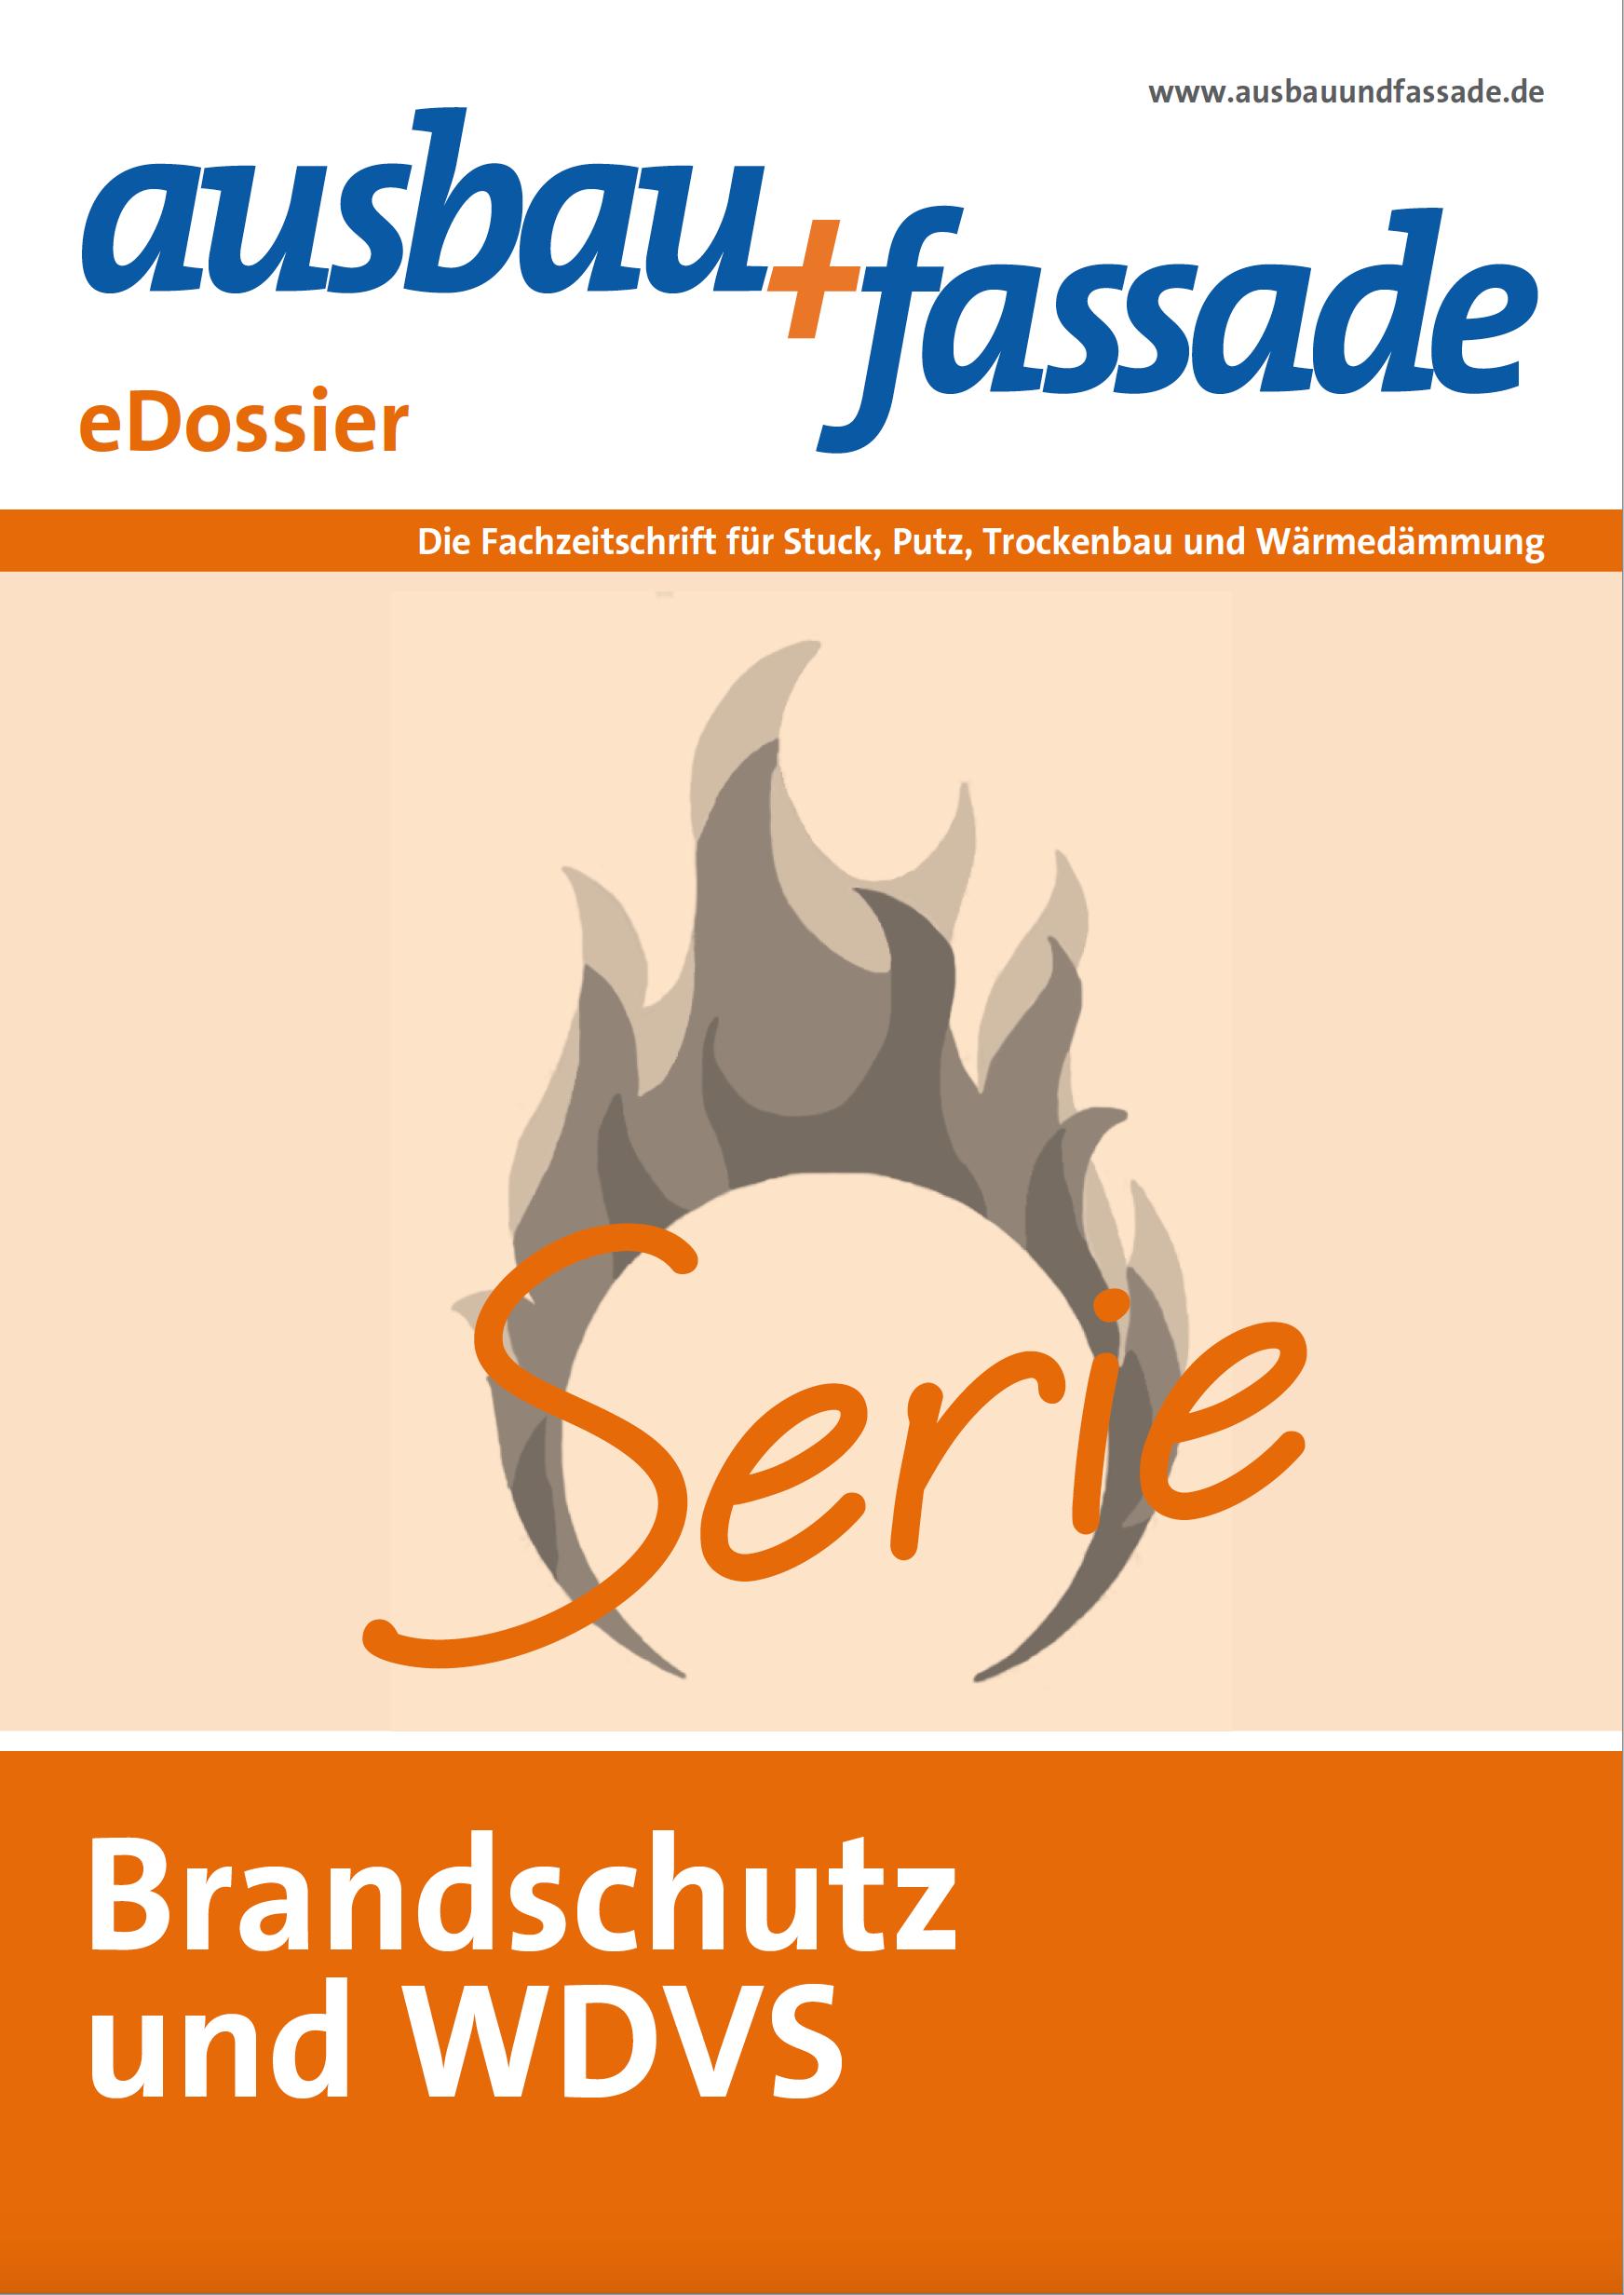 edossier_Brandschutz Ausbau und Fassade - Dämmstoffe